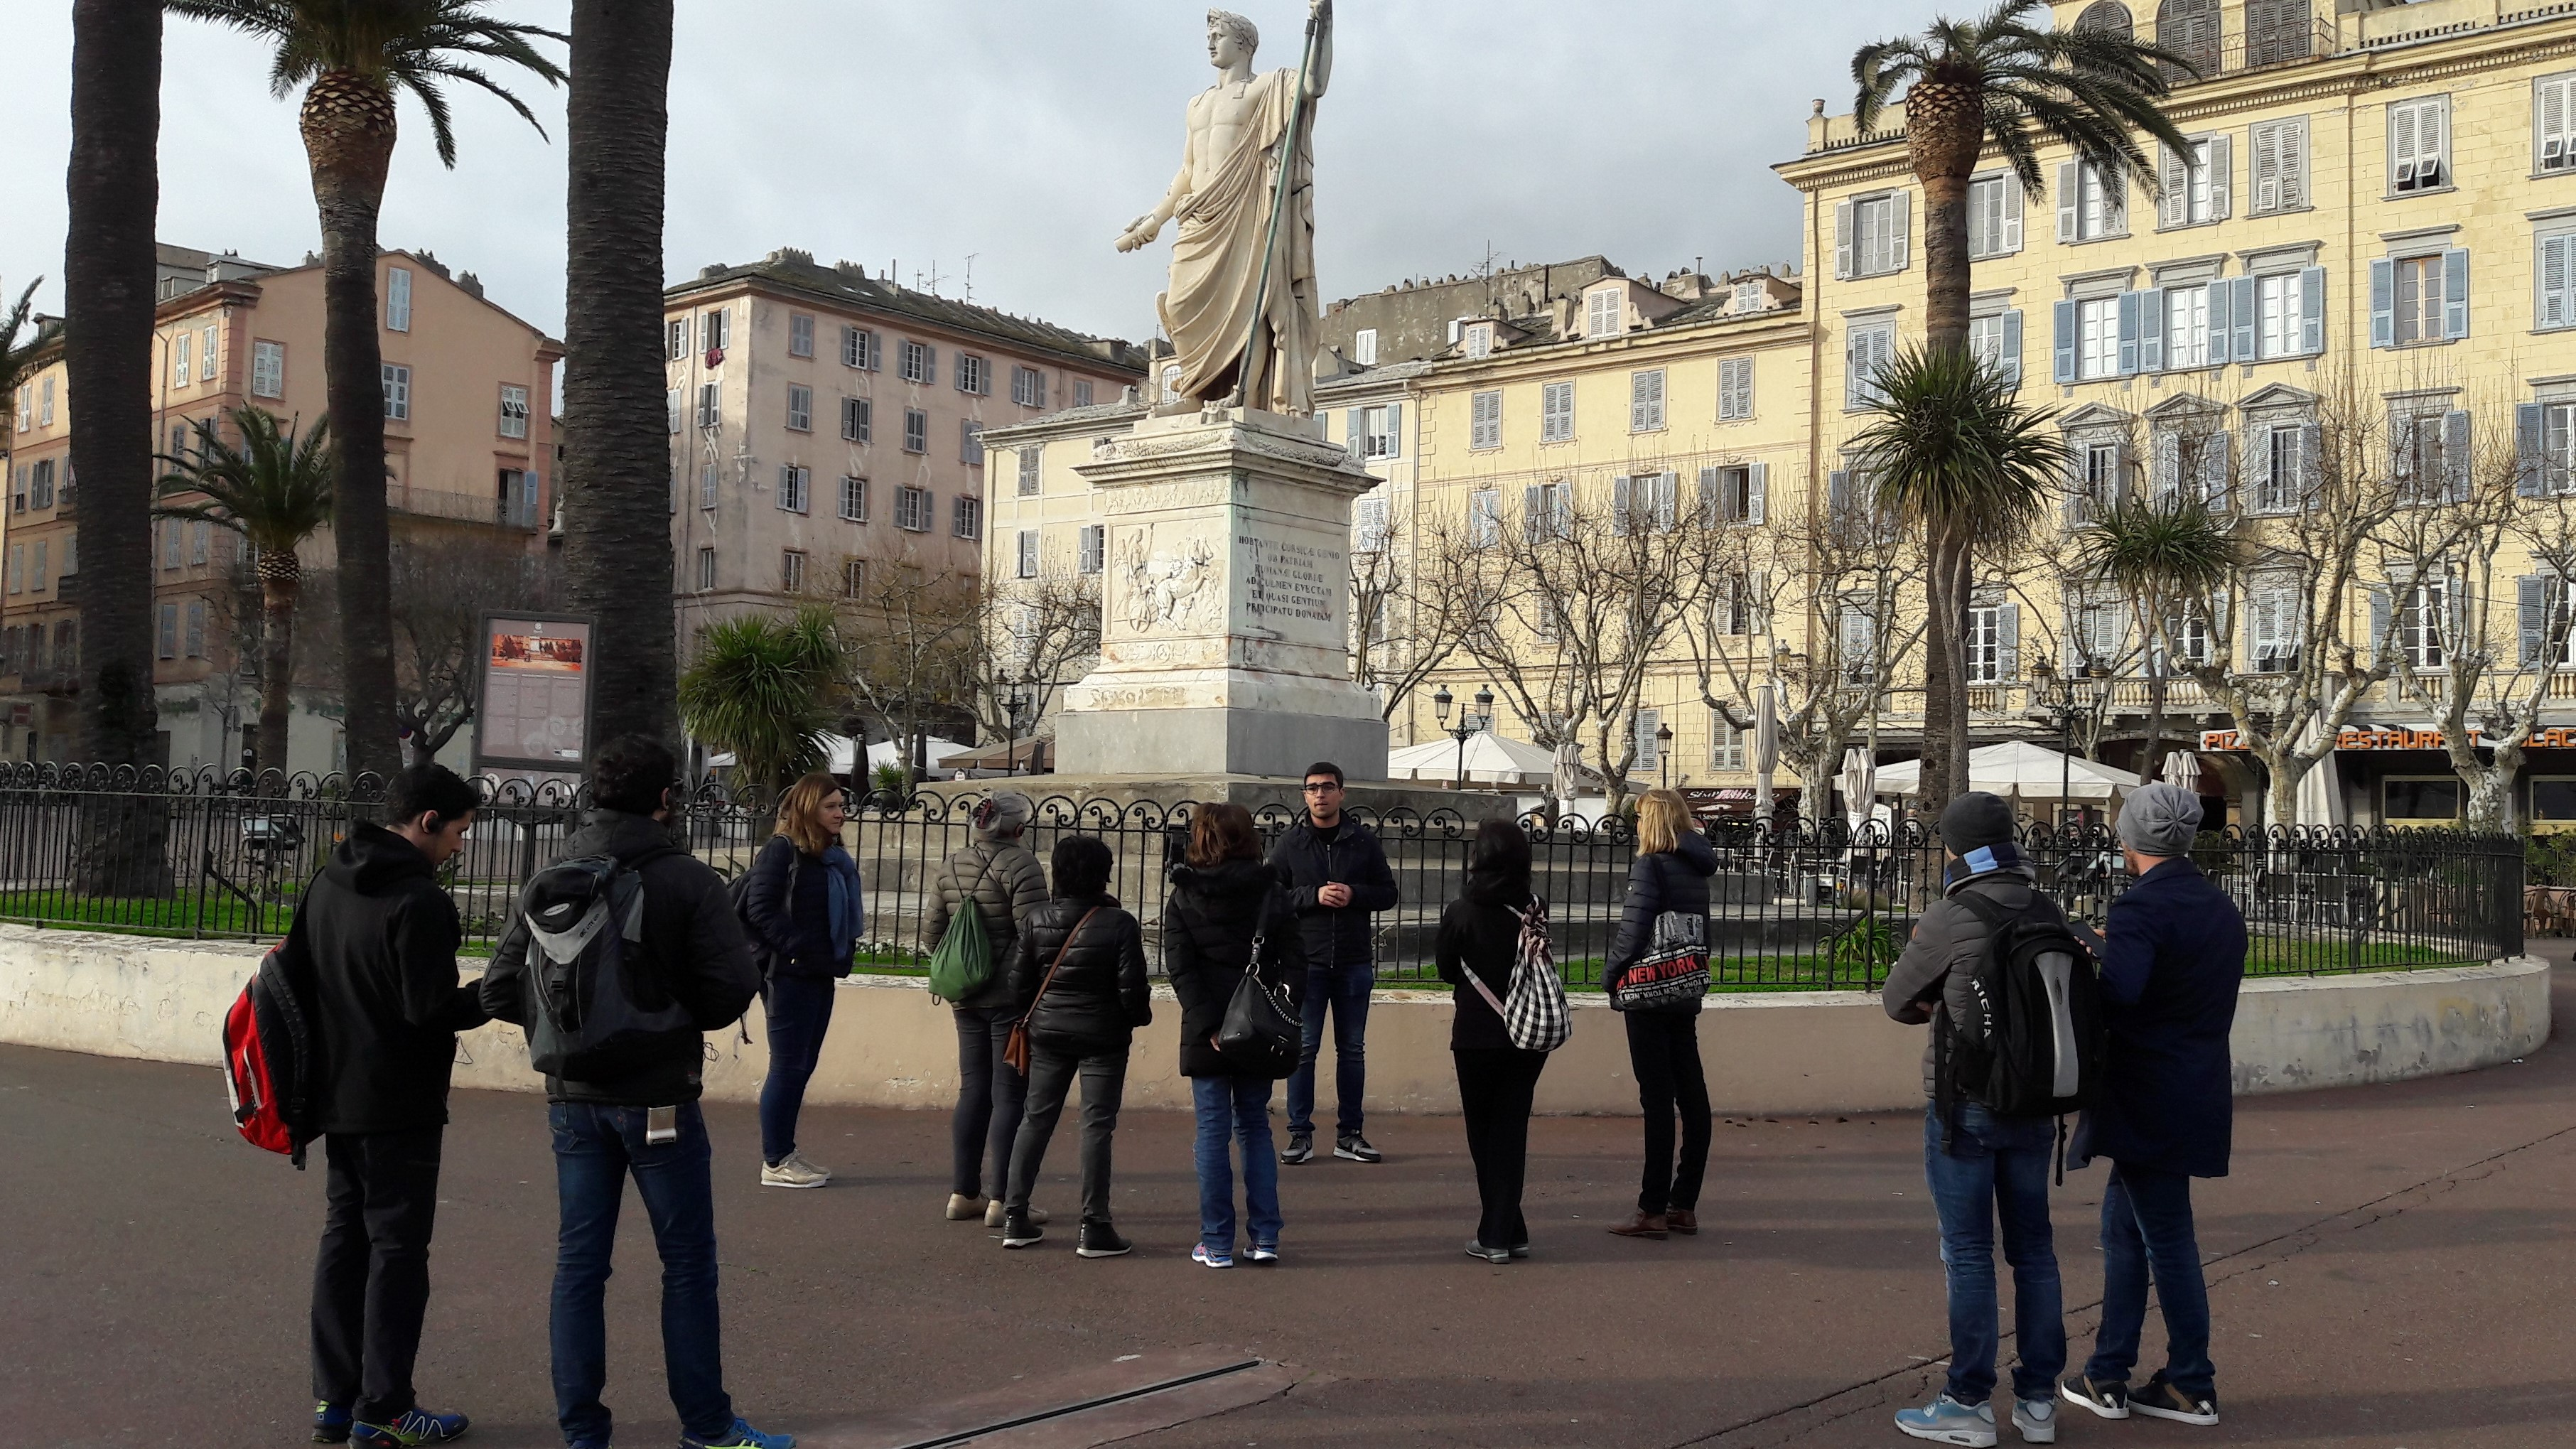 Surtita in Bastia - 26 / 01 / 18